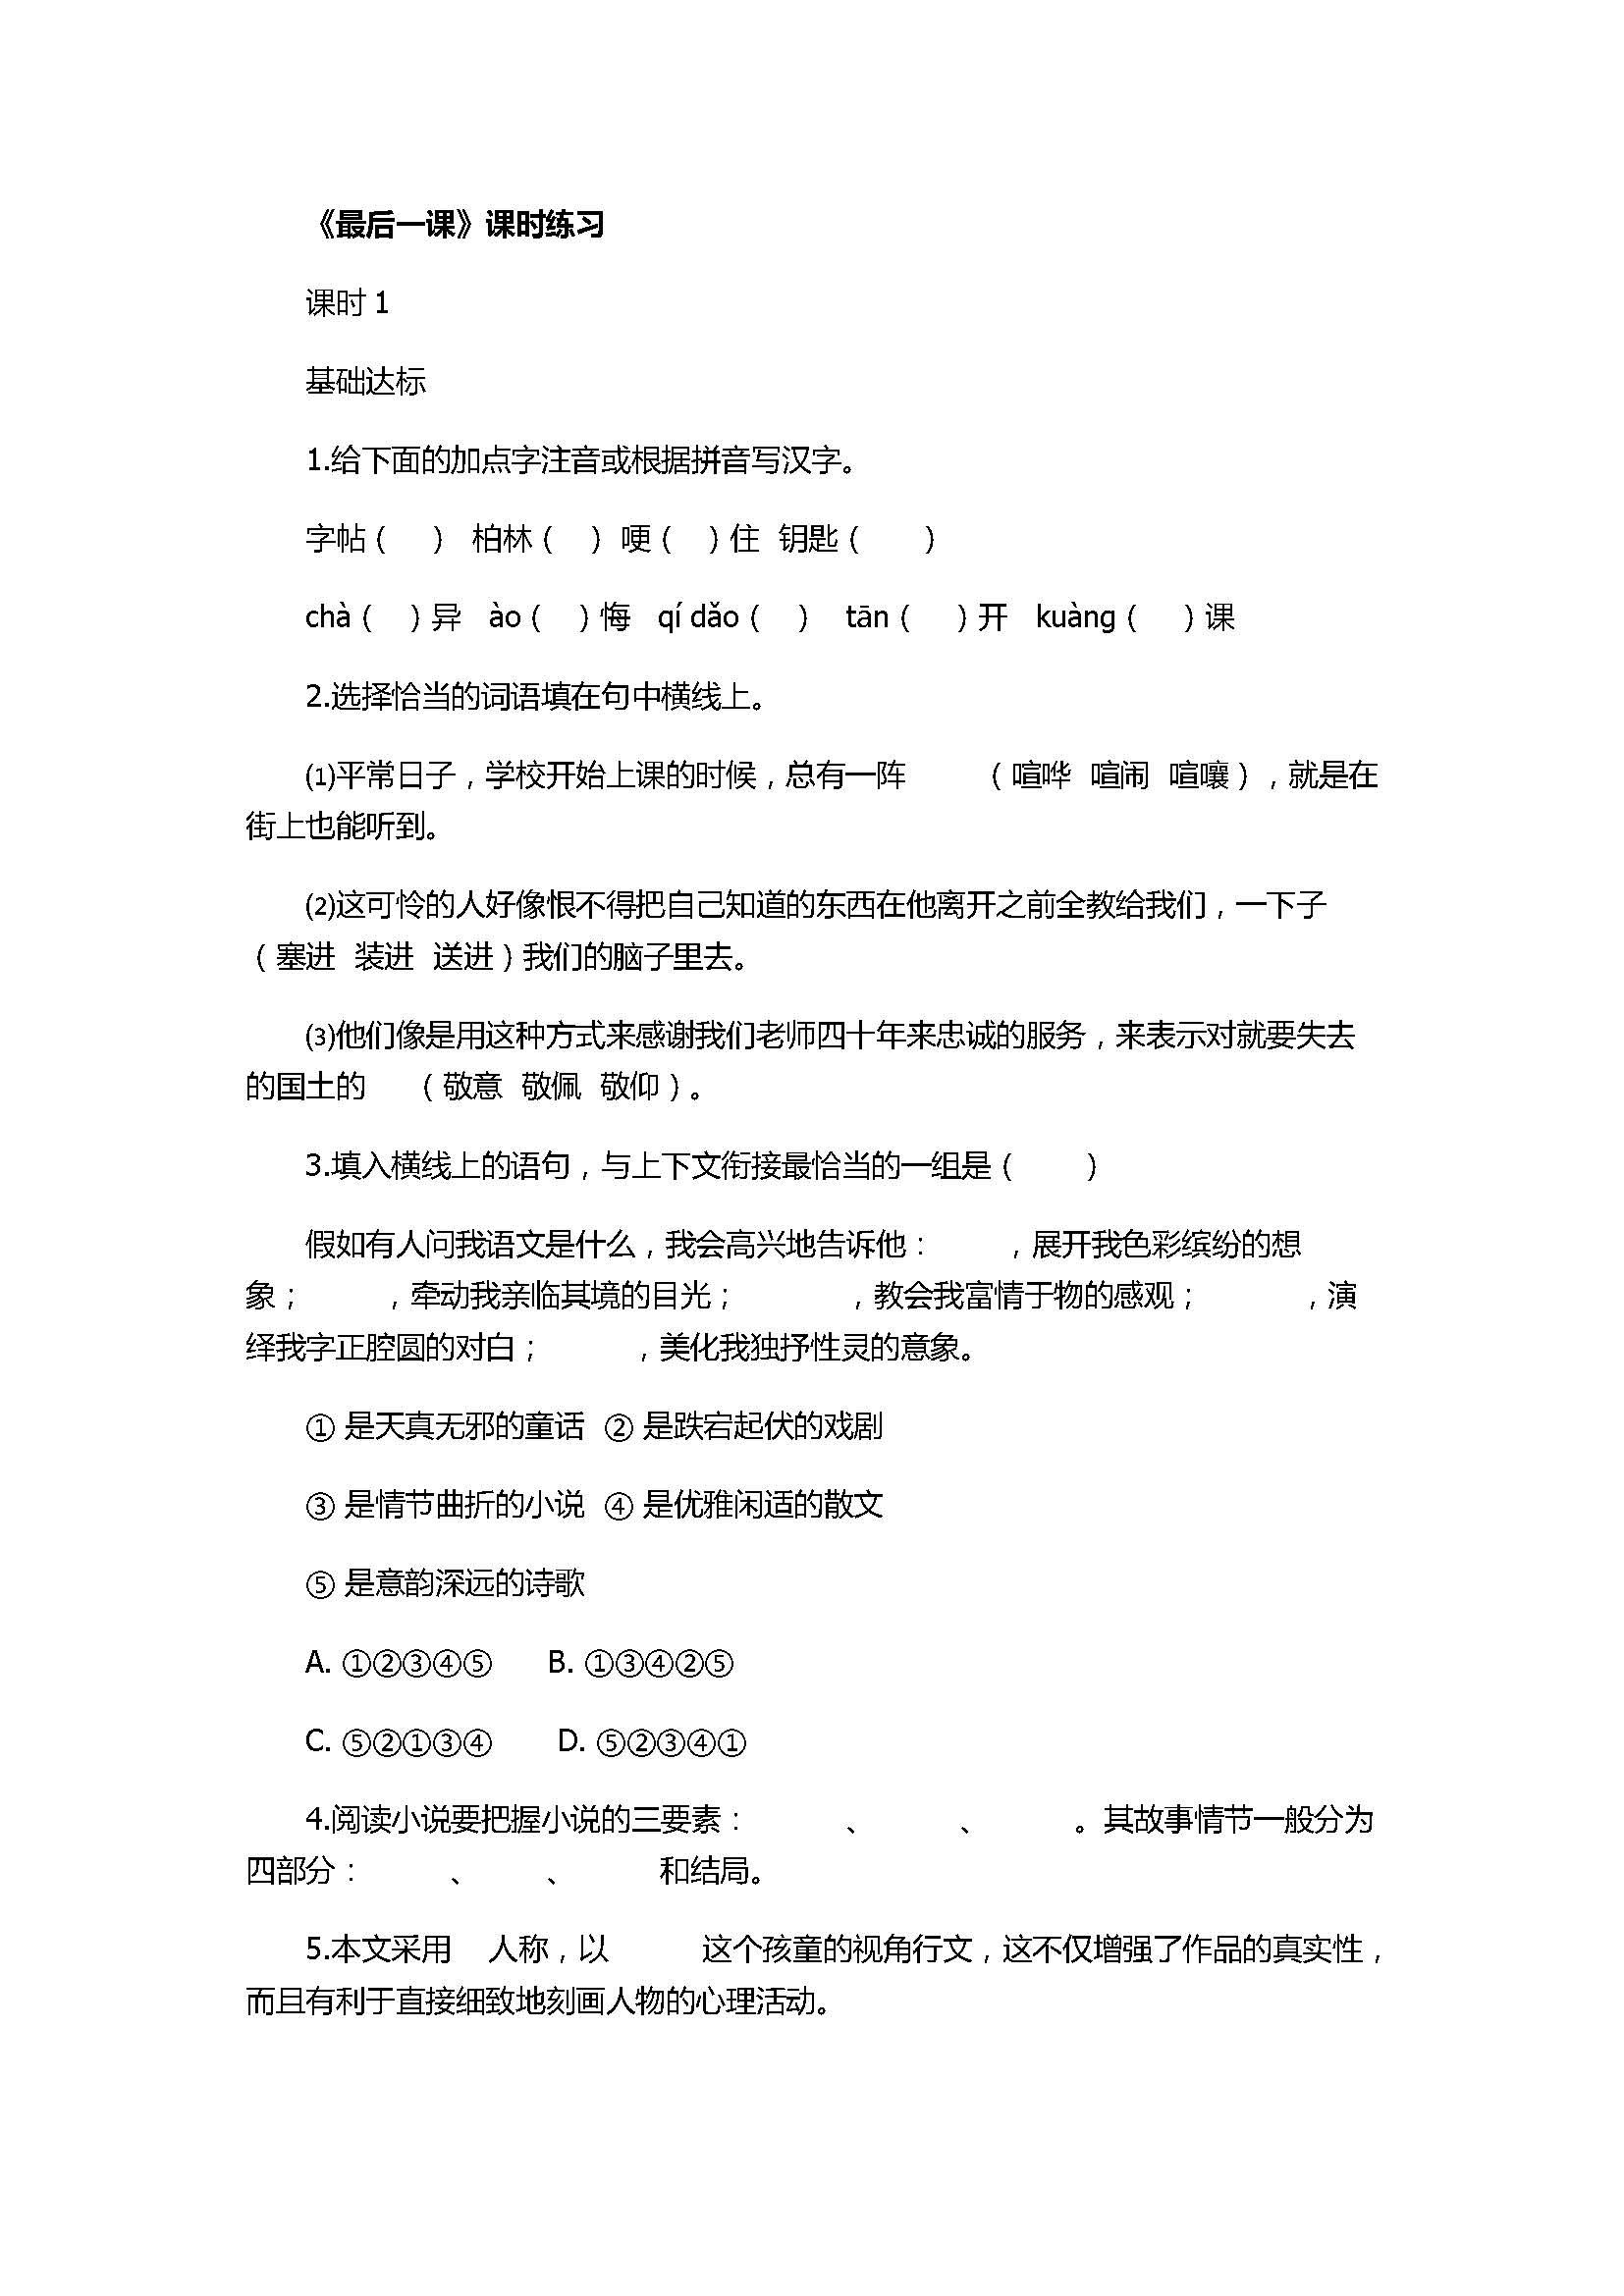 2017七年级语文下册《最后一课》精编同步练习题含参考答案